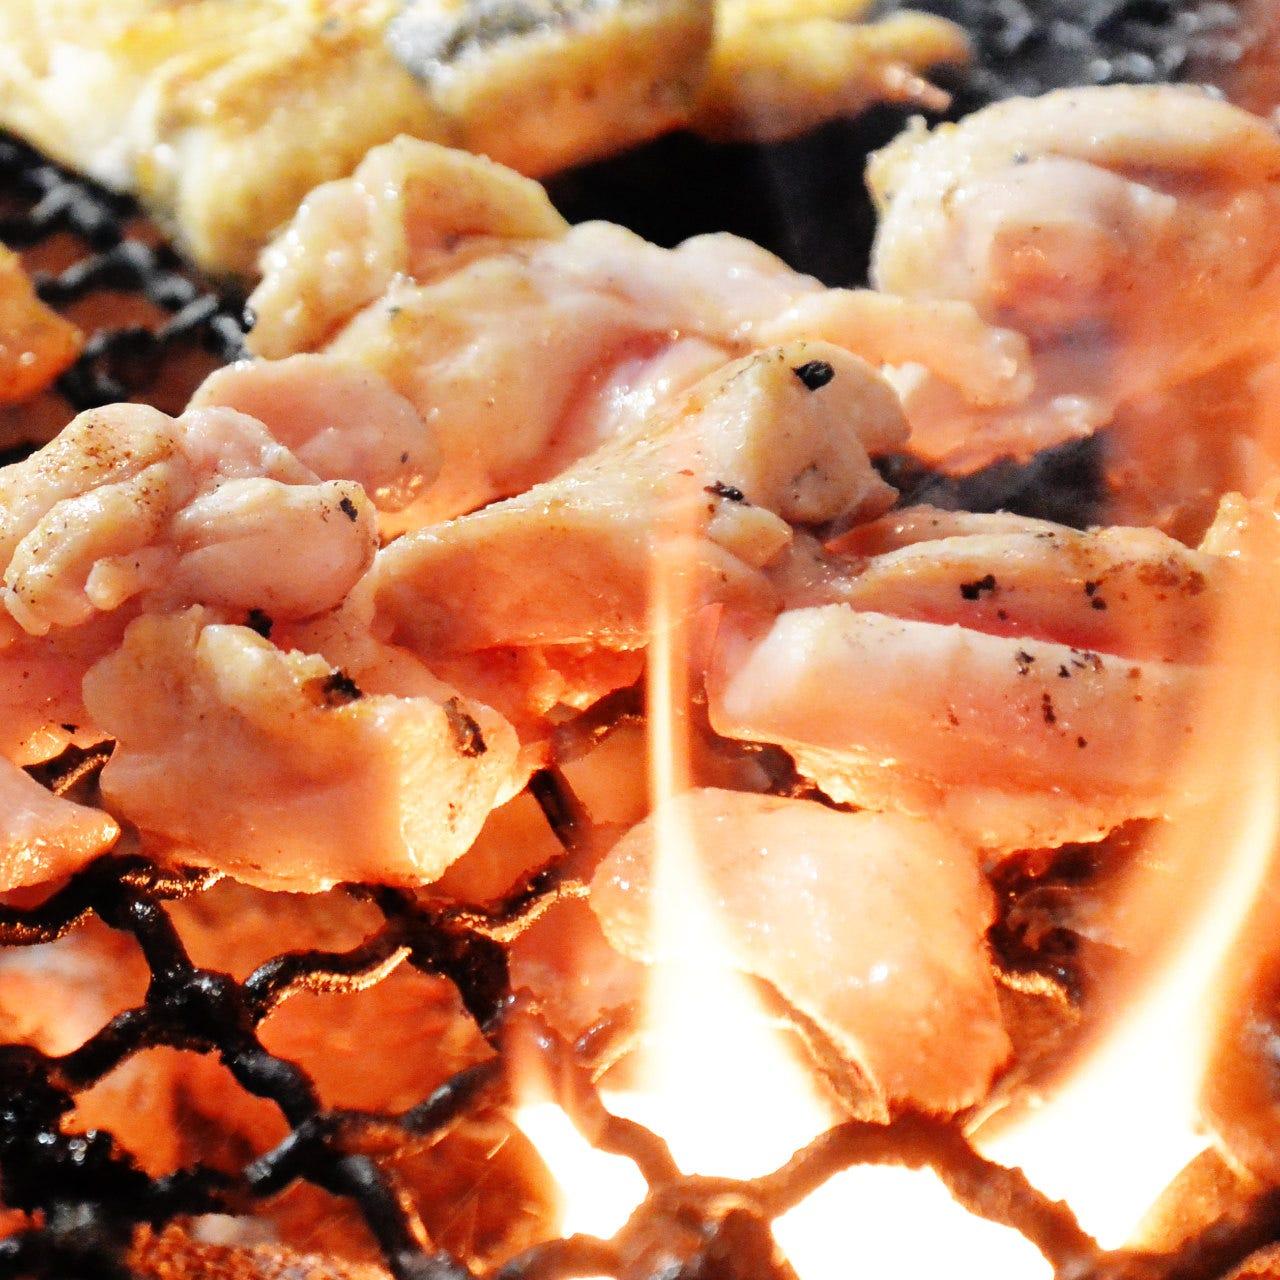 炭火焼の焼鳥は、お皿でたっぷり提供